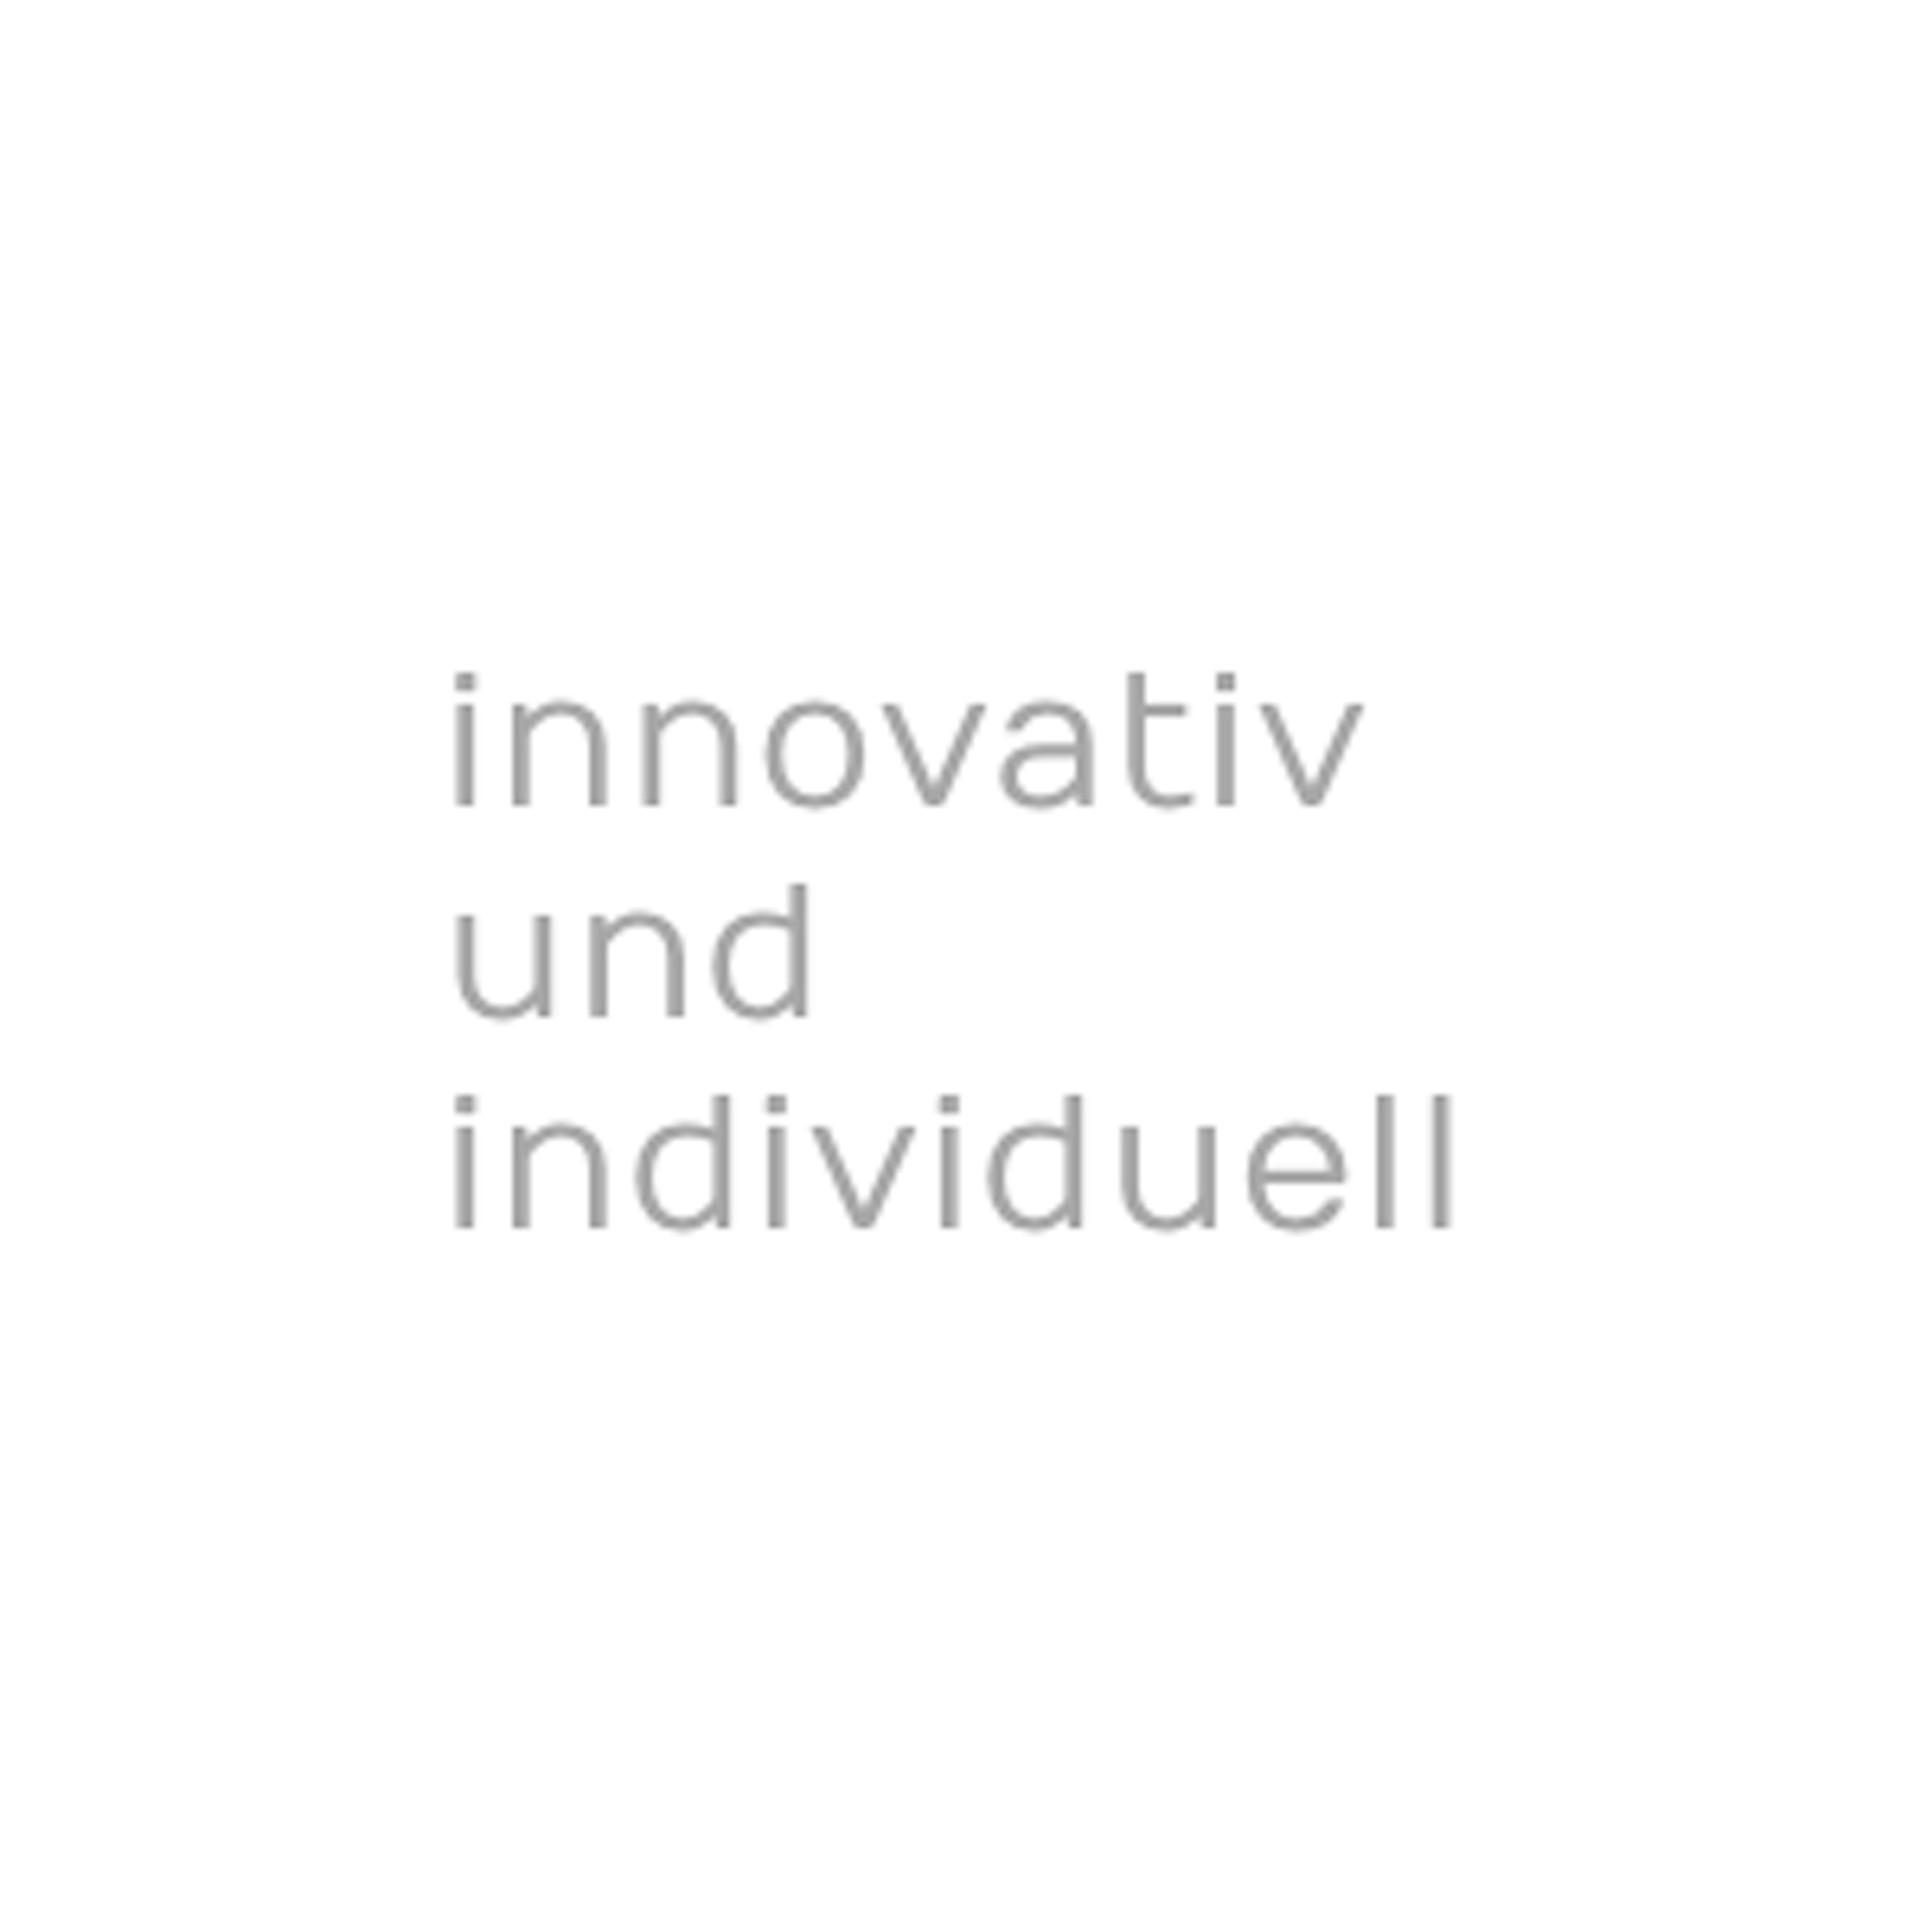 GWA_Engineering_Made_in_Germany_1_Gesellschaft_fuer_Waerme_und_Anlagentechnik_monochrom